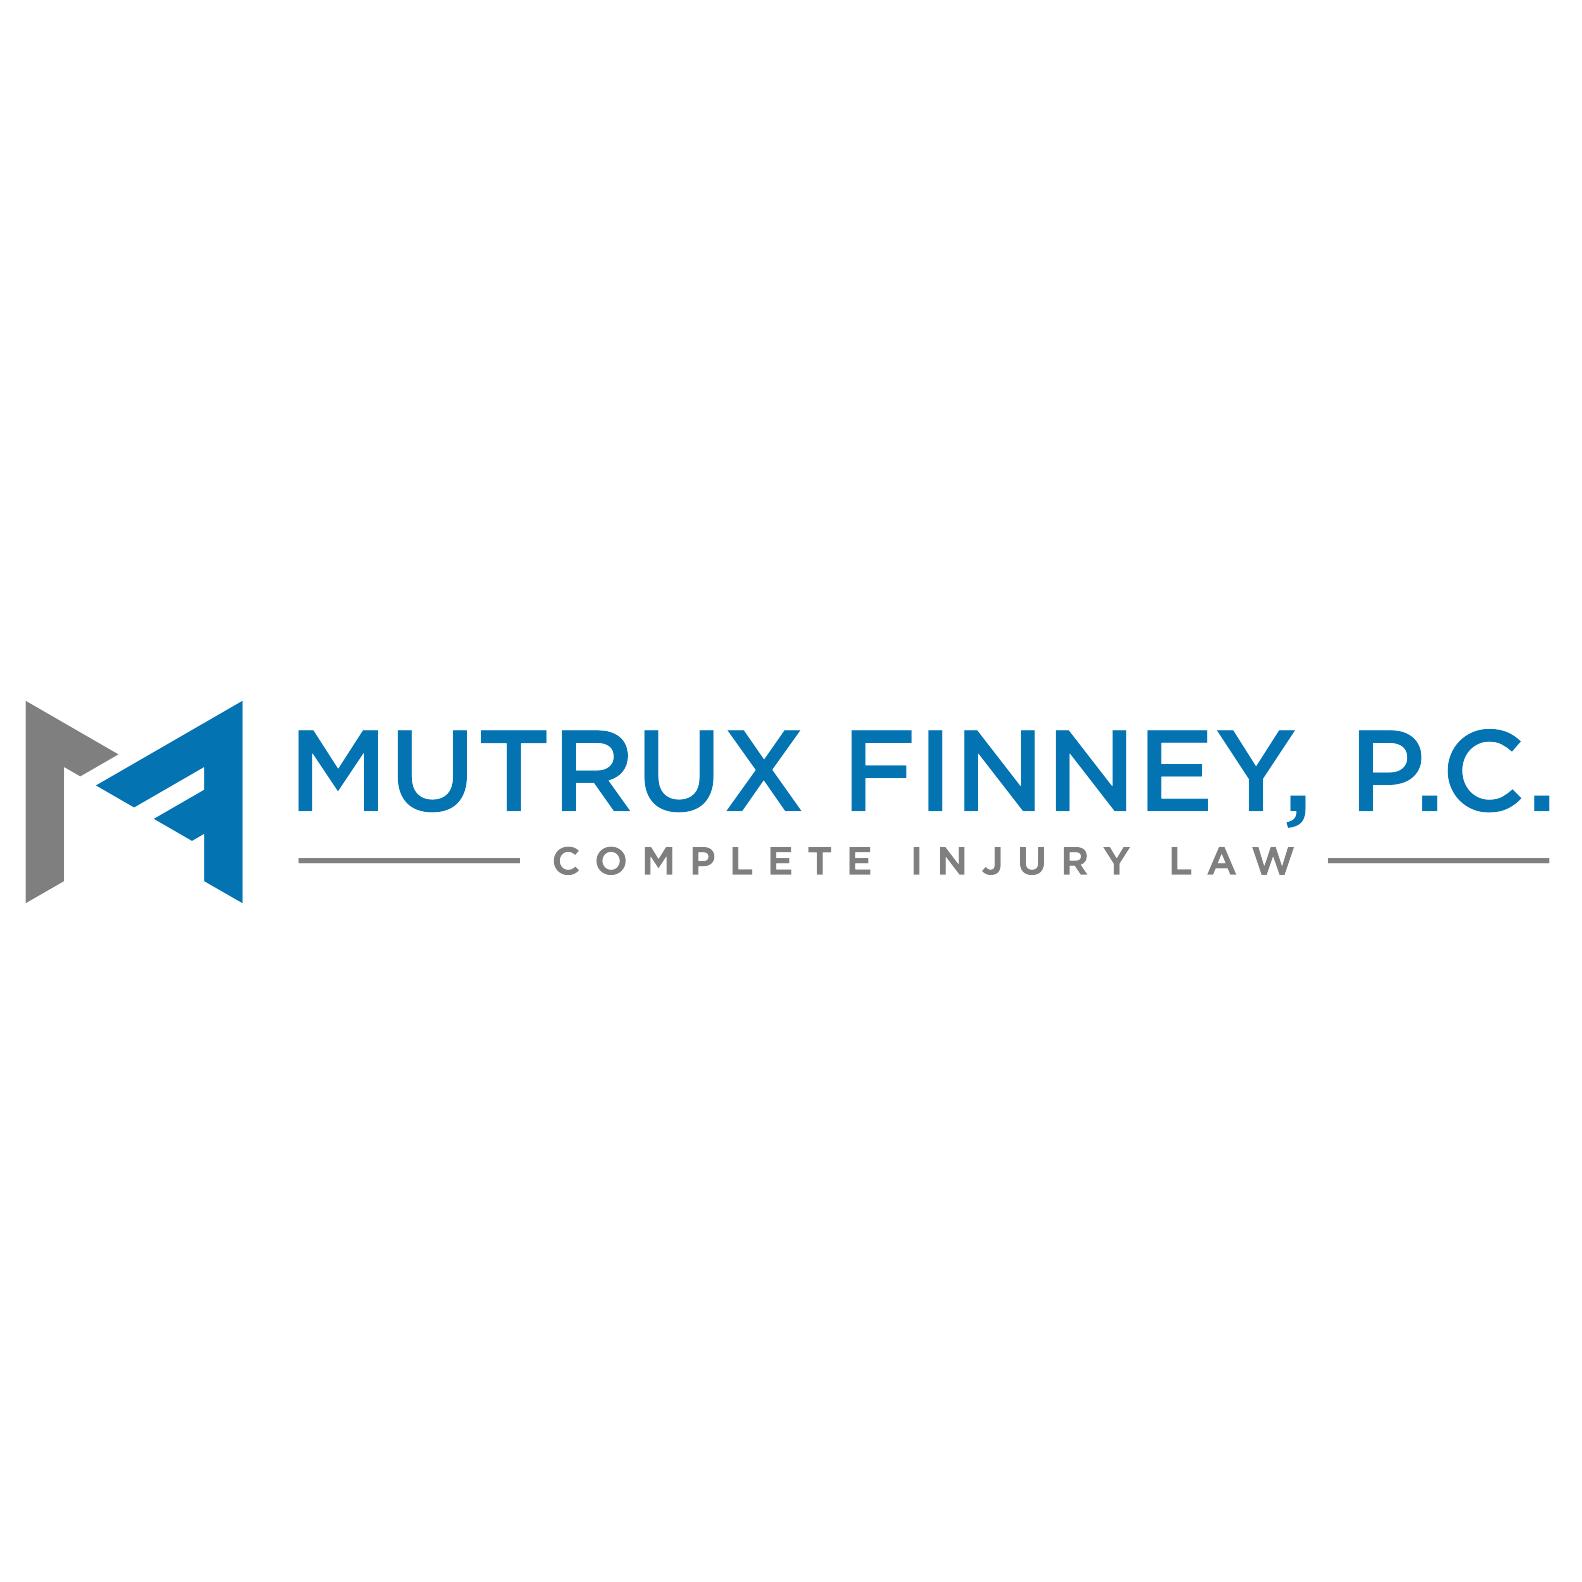 Mutrux Finney, P.C. - St. Louis City